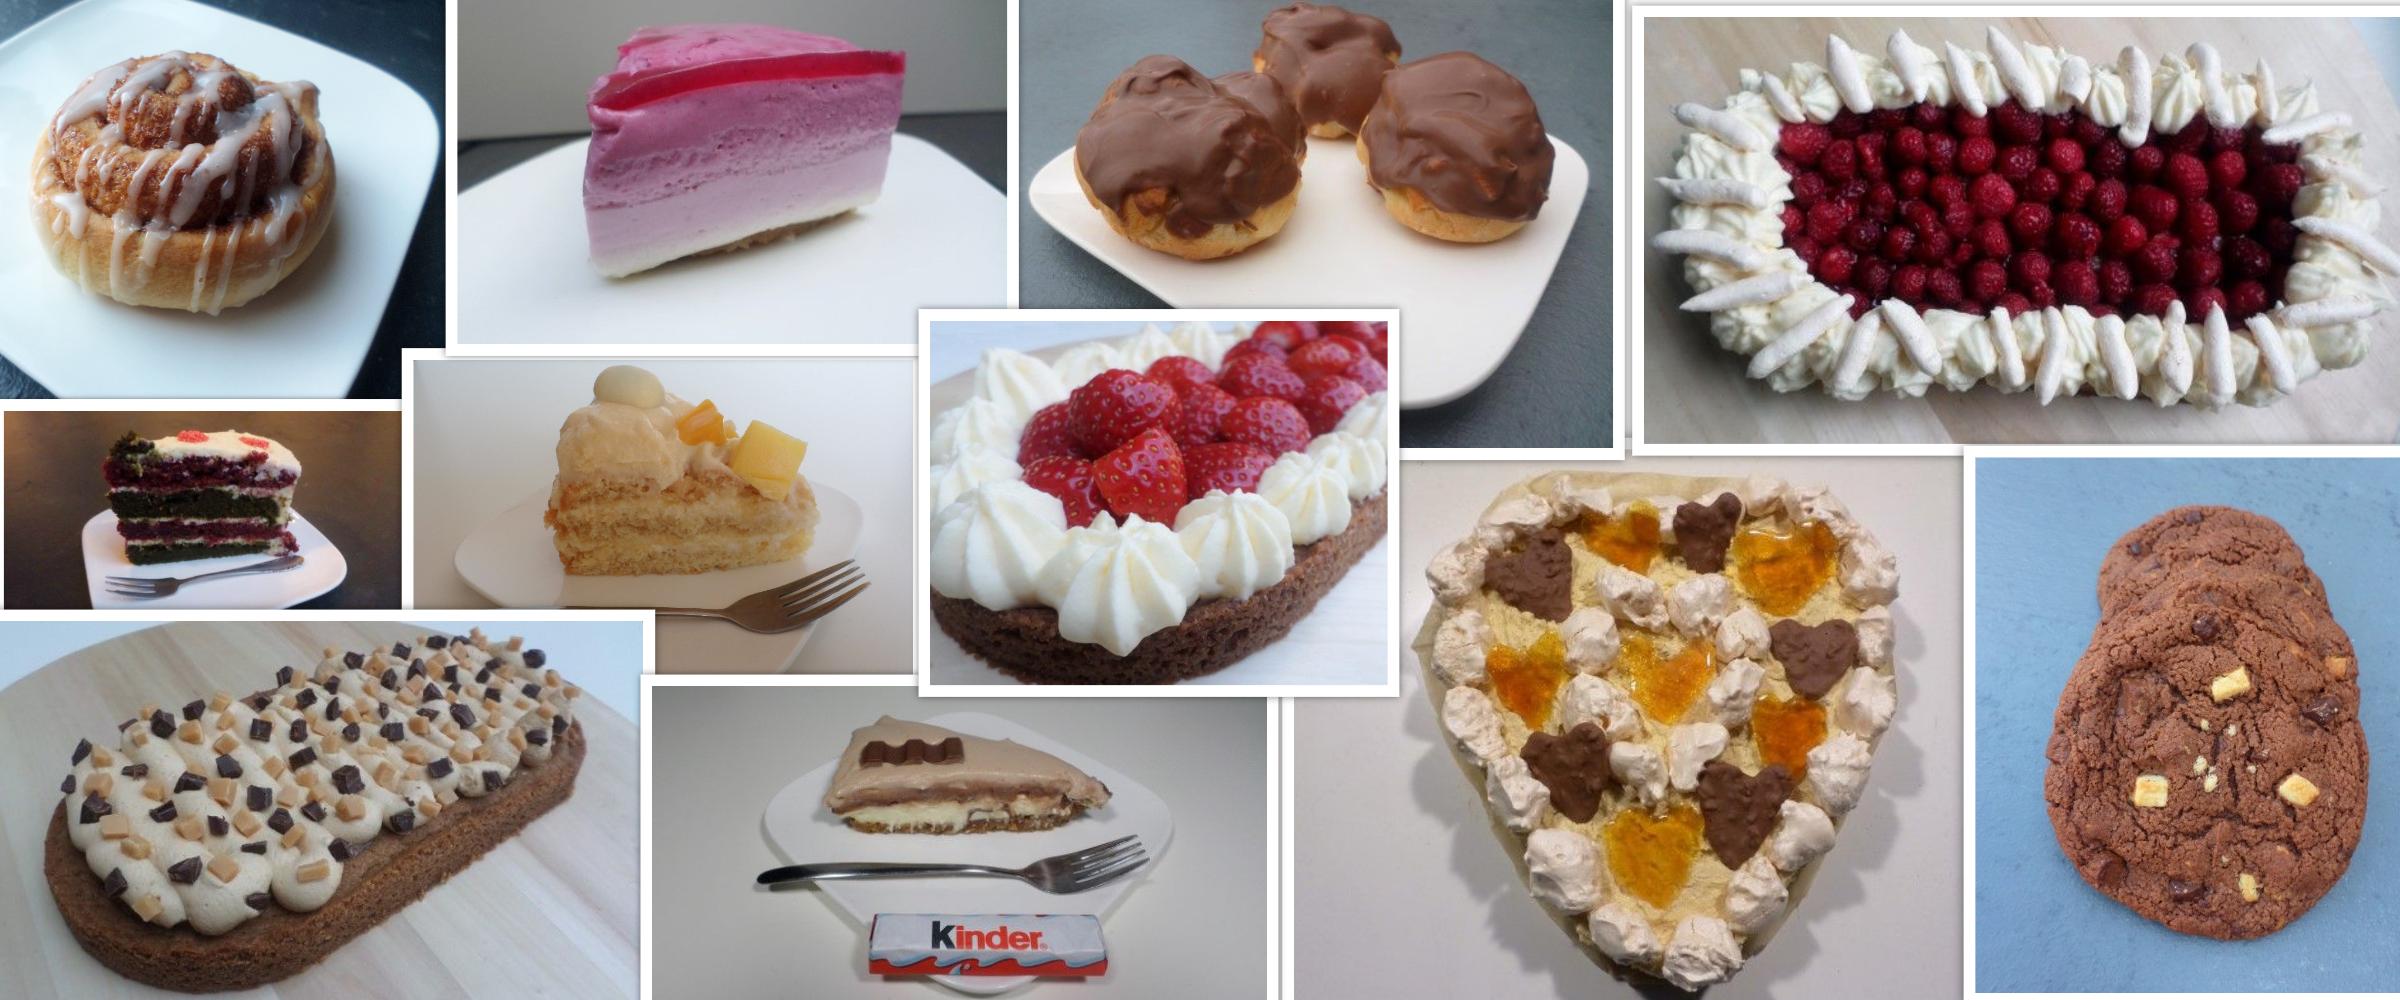 baksels, verschillende soorten gebak, bakchallenge jezelf meer uitdagen met bakken